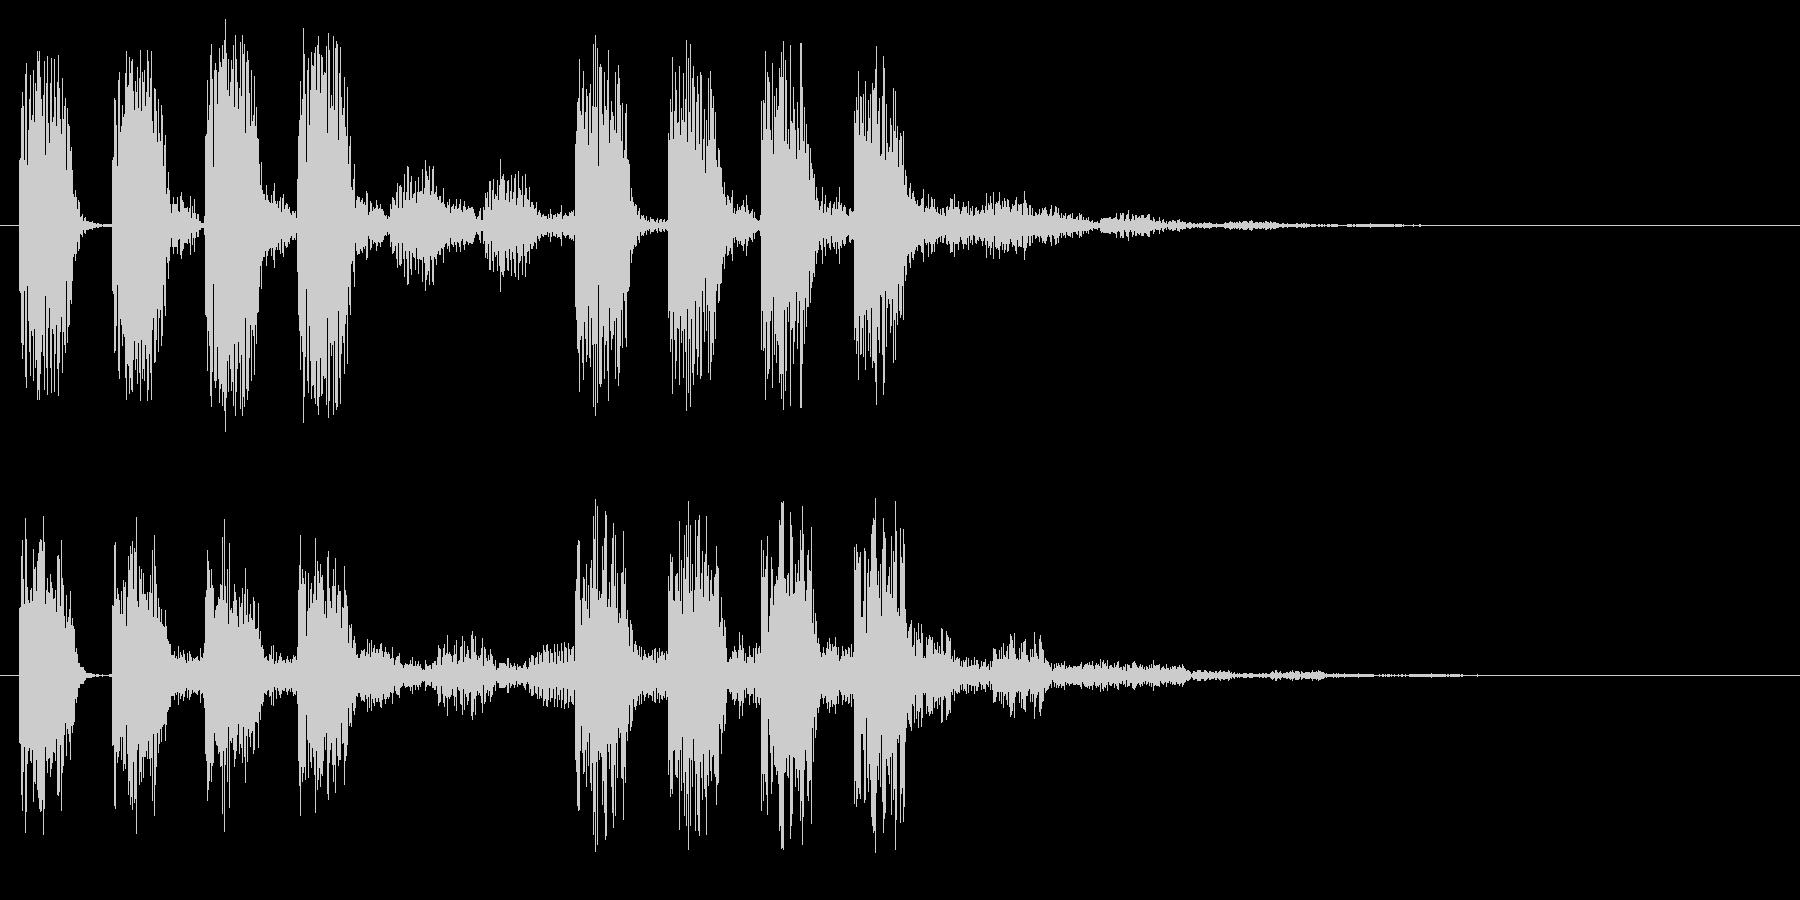 アラート 低音版 注意 危険 警戒 ミスの未再生の波形